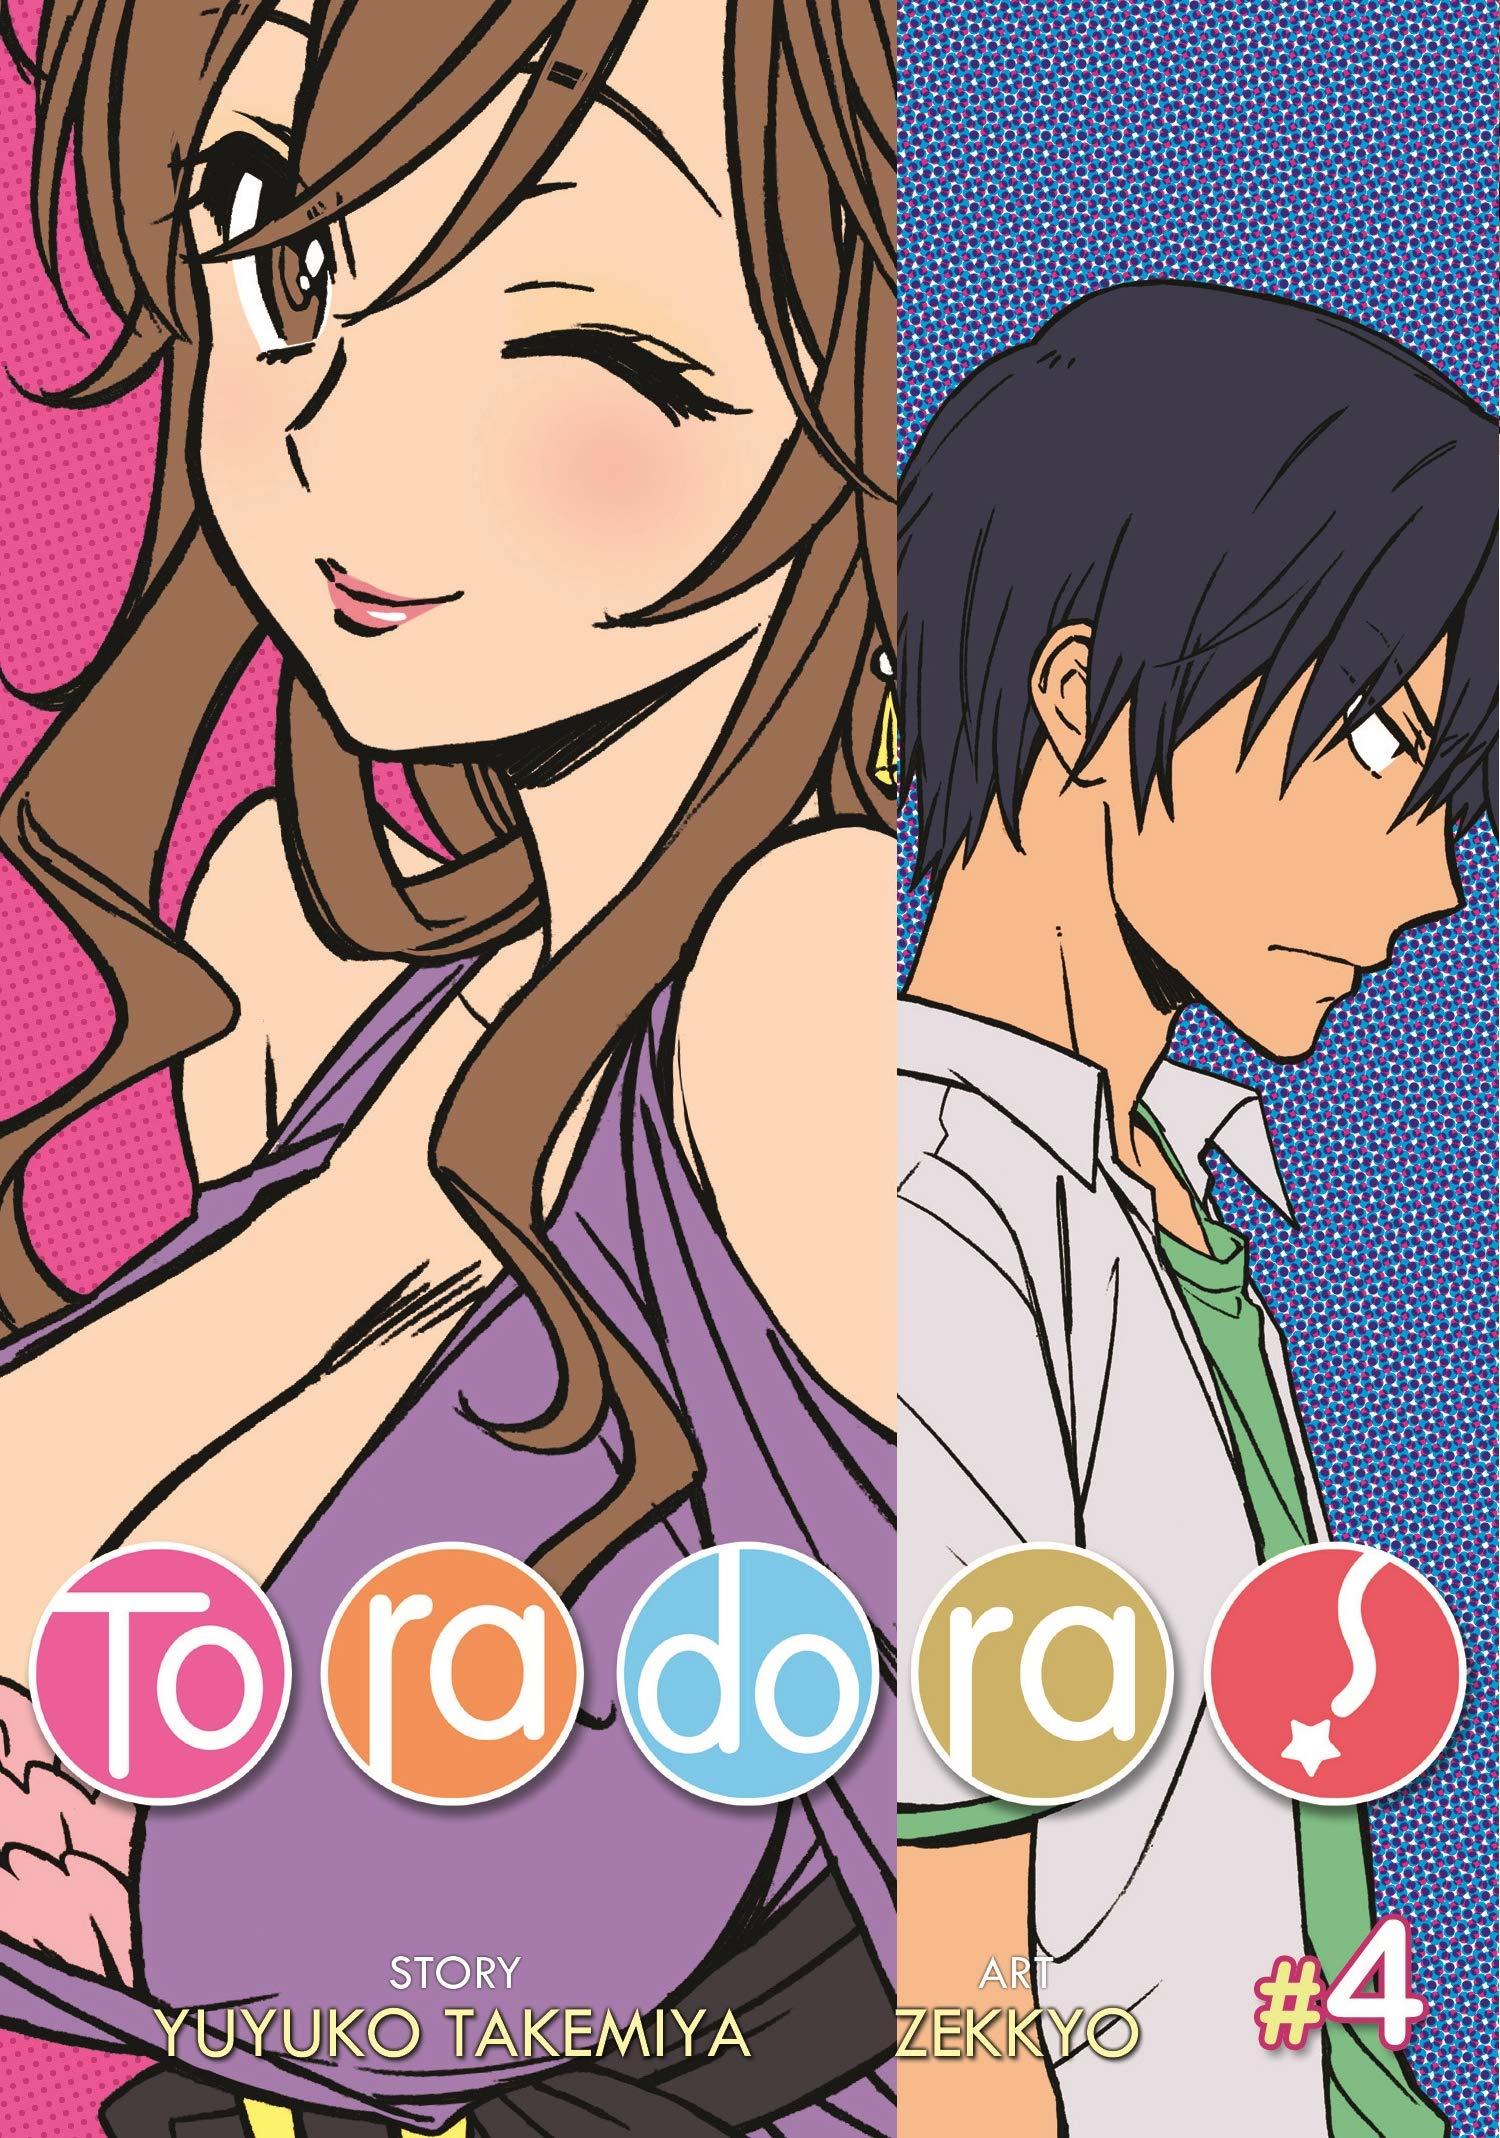 Toradora! Volume 4